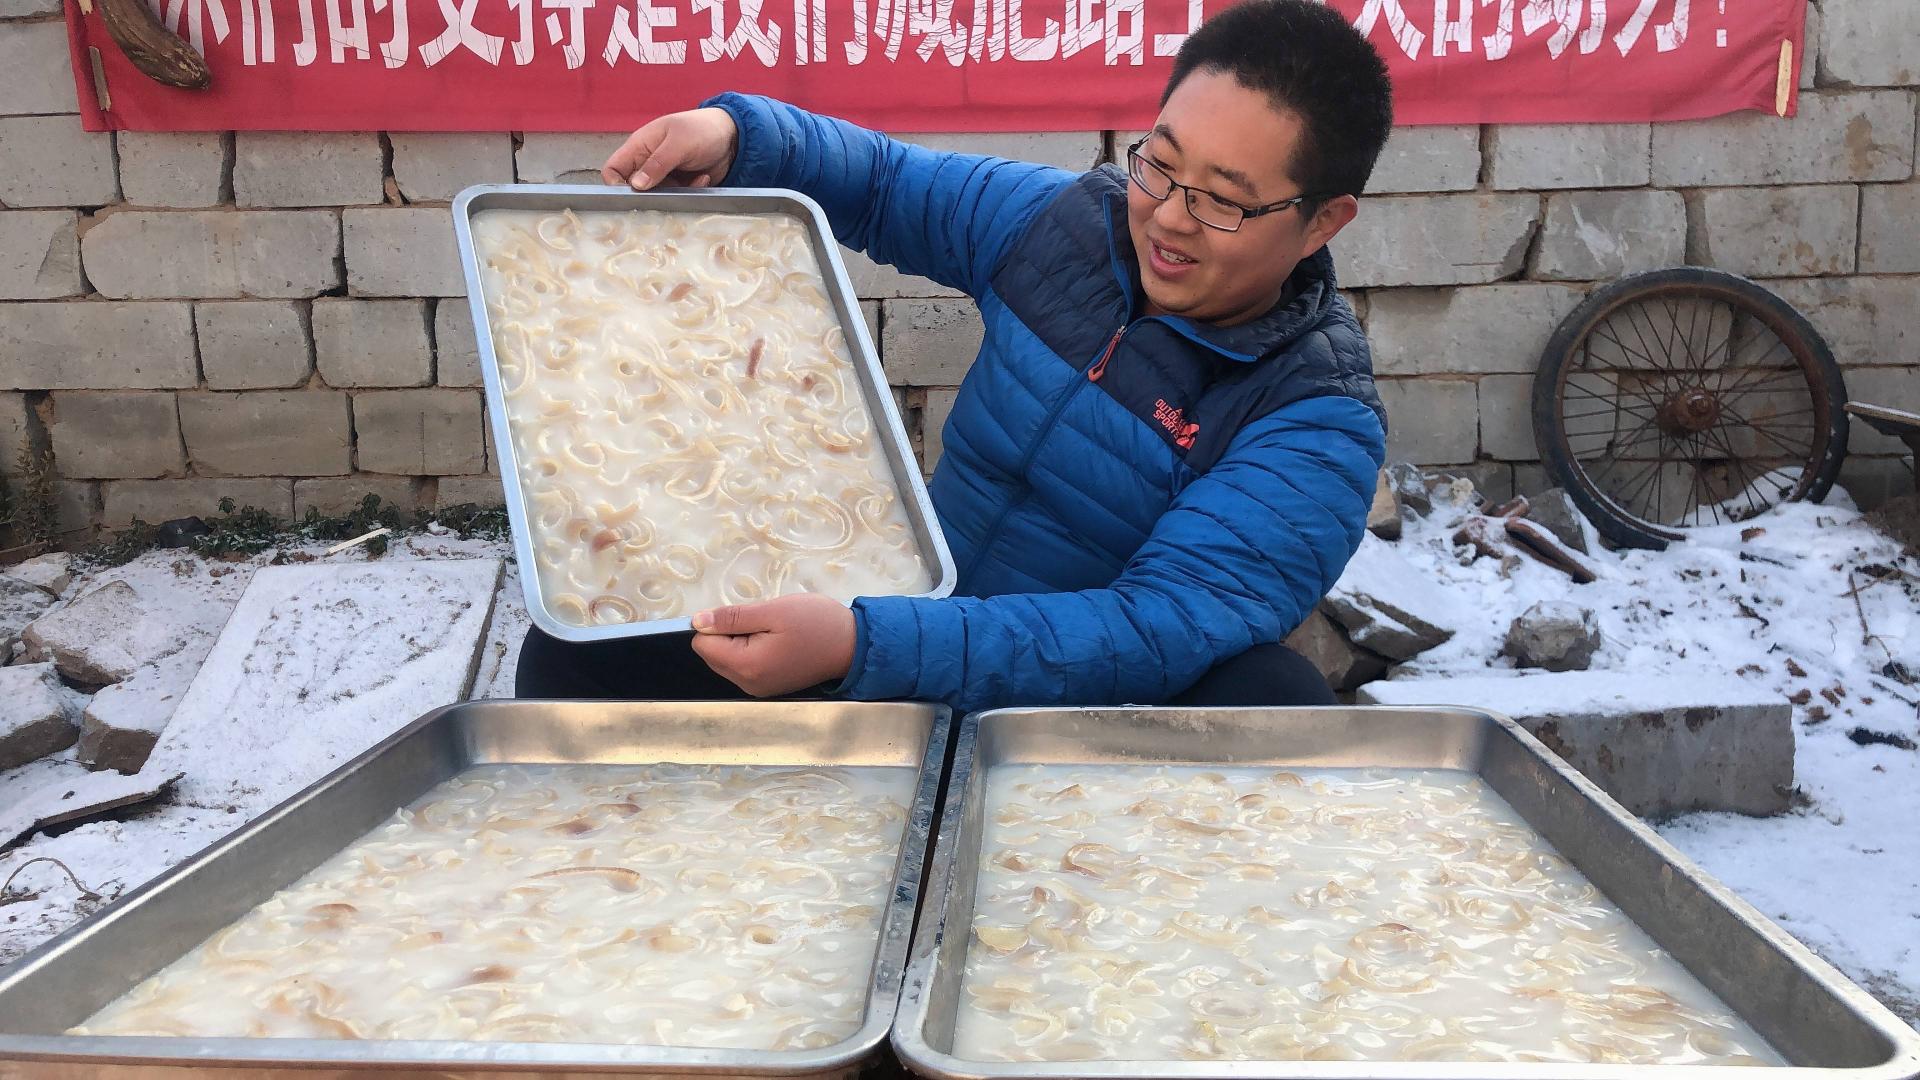 12斤猪皮,做了满满3大盘水晶猪皮冻,鲜美Q弹,过年大家抢着吃!